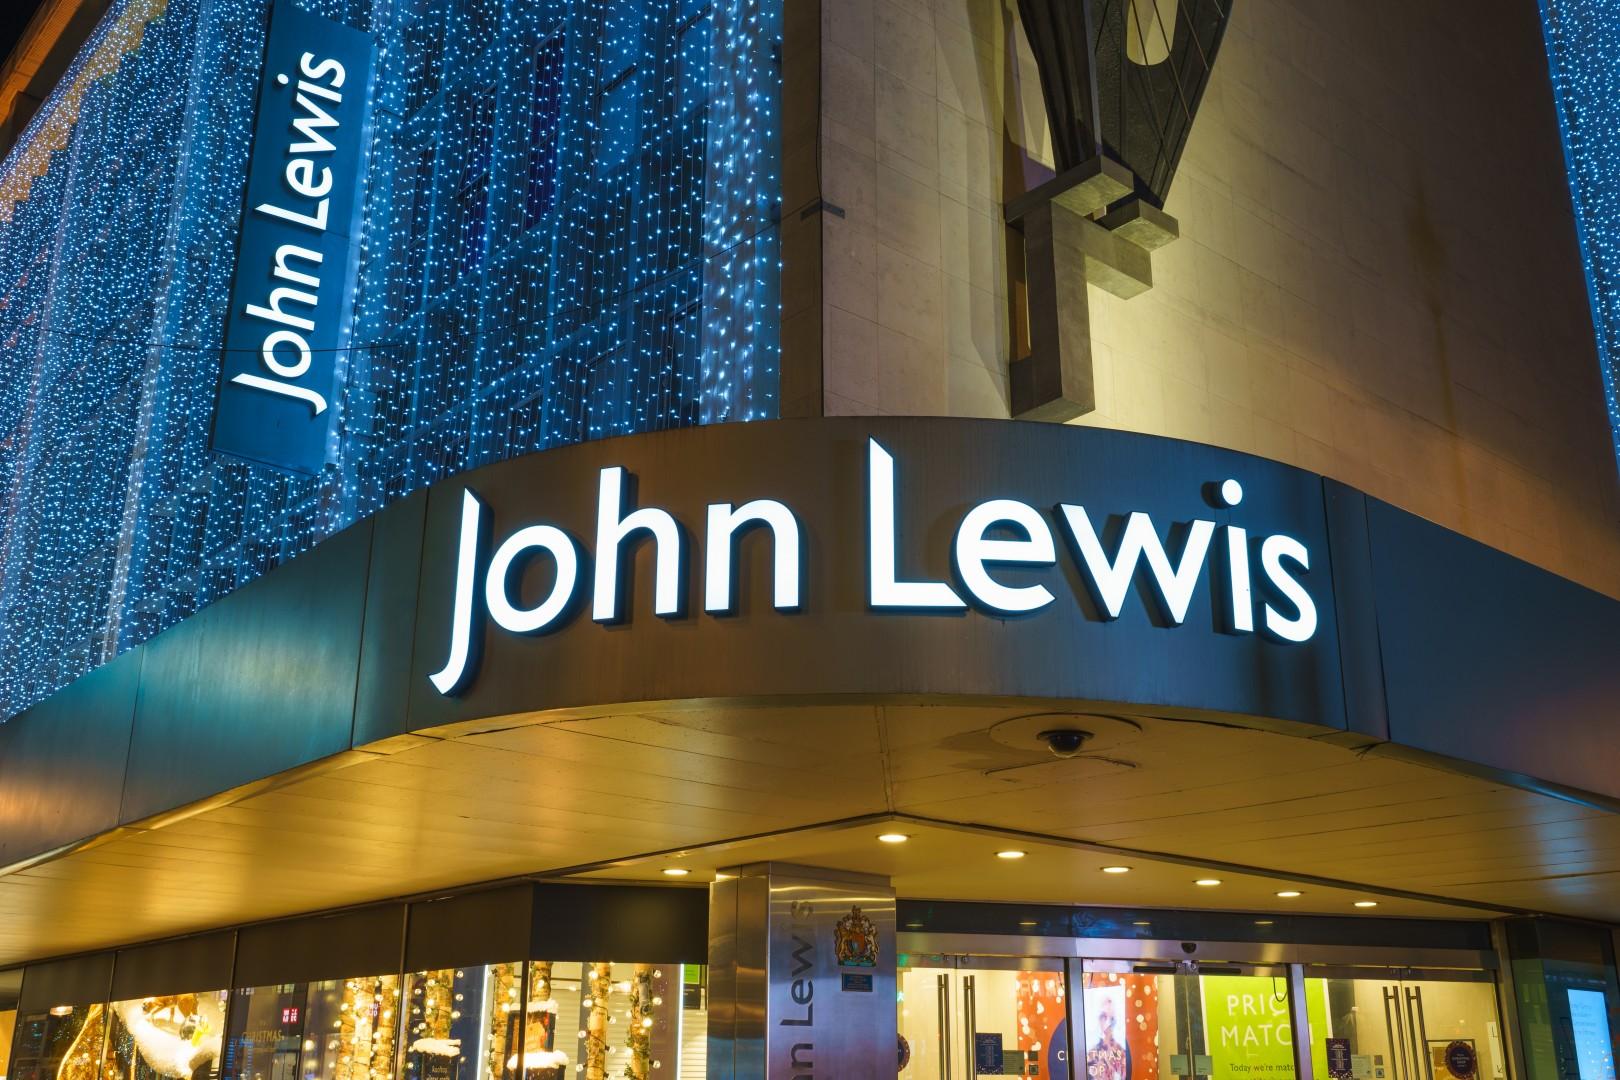 John Lewis London Store Header Image